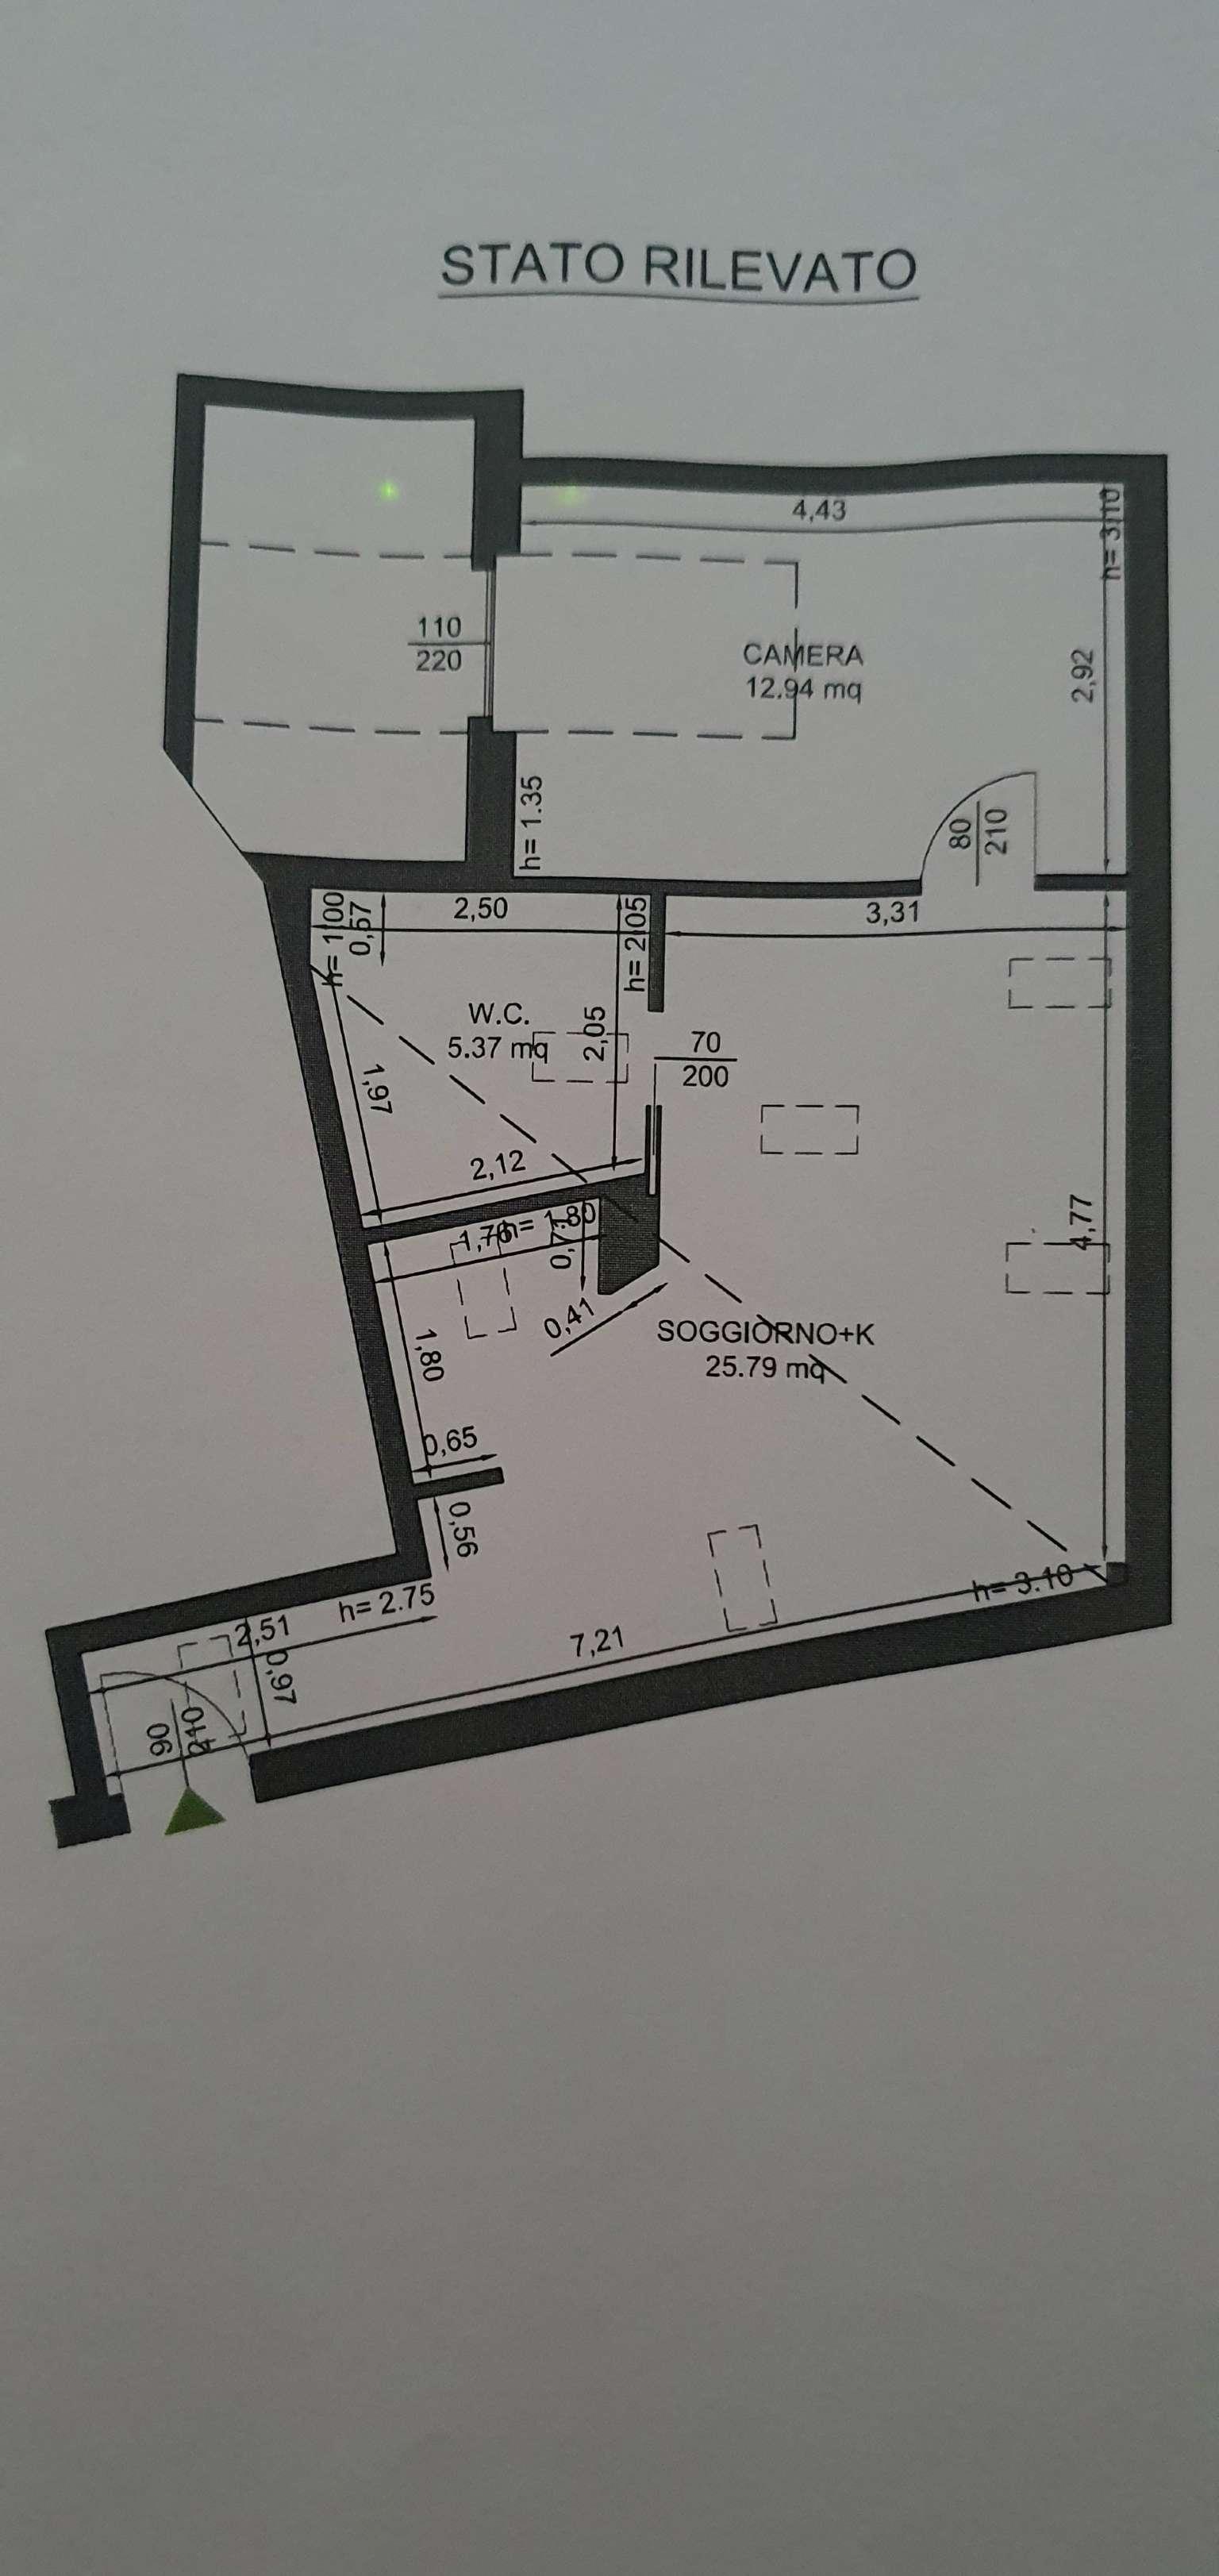 Attico / Mansarda in vendita a Rozzano, 2 locali, prezzo € 89.000 | PortaleAgenzieImmobiliari.it